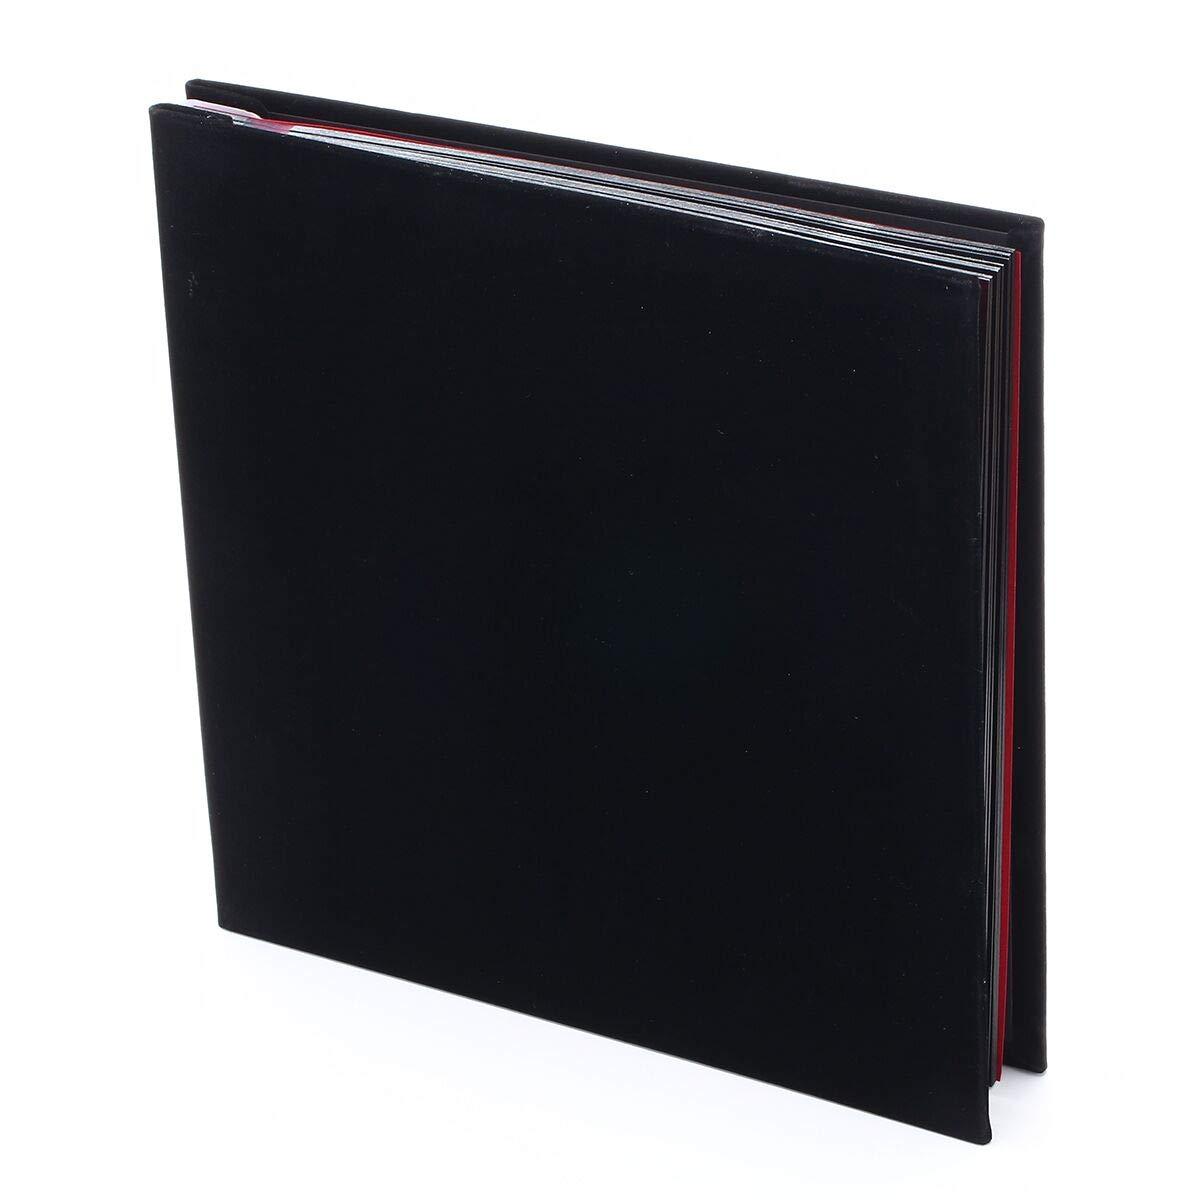 Álbum de Fotos Originales, diseño de la Cubierta de Gamuza 40 Páginas (20 hojas),Album Scrapbooking Puede ser Colocado de 80 Fotos 10x15 cm (marrón) chuangzang